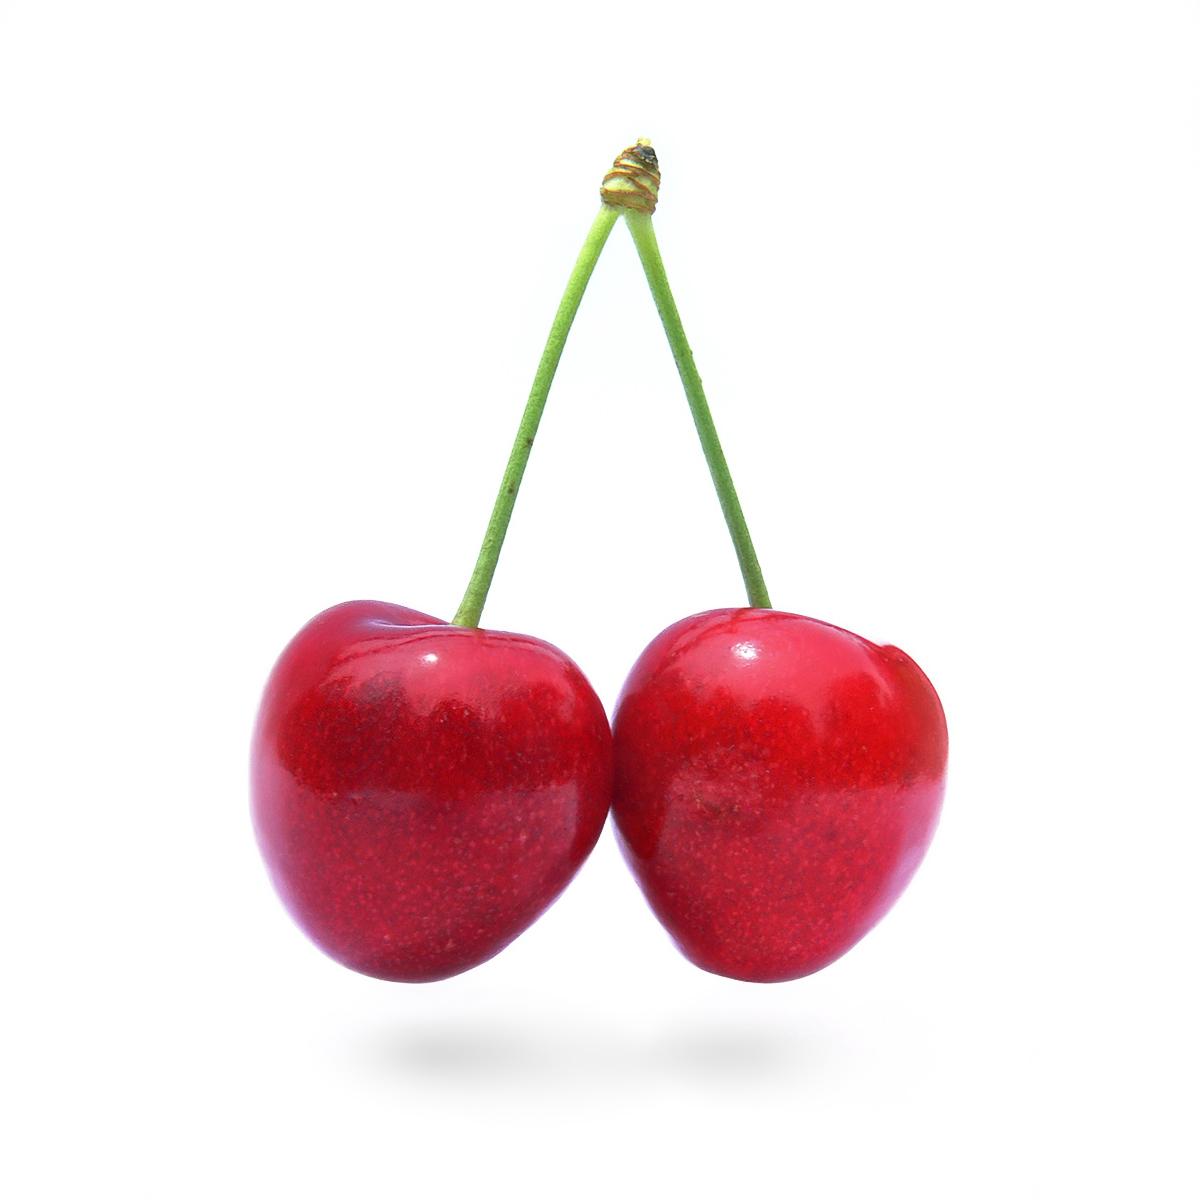 Tart Cherry Placeholder